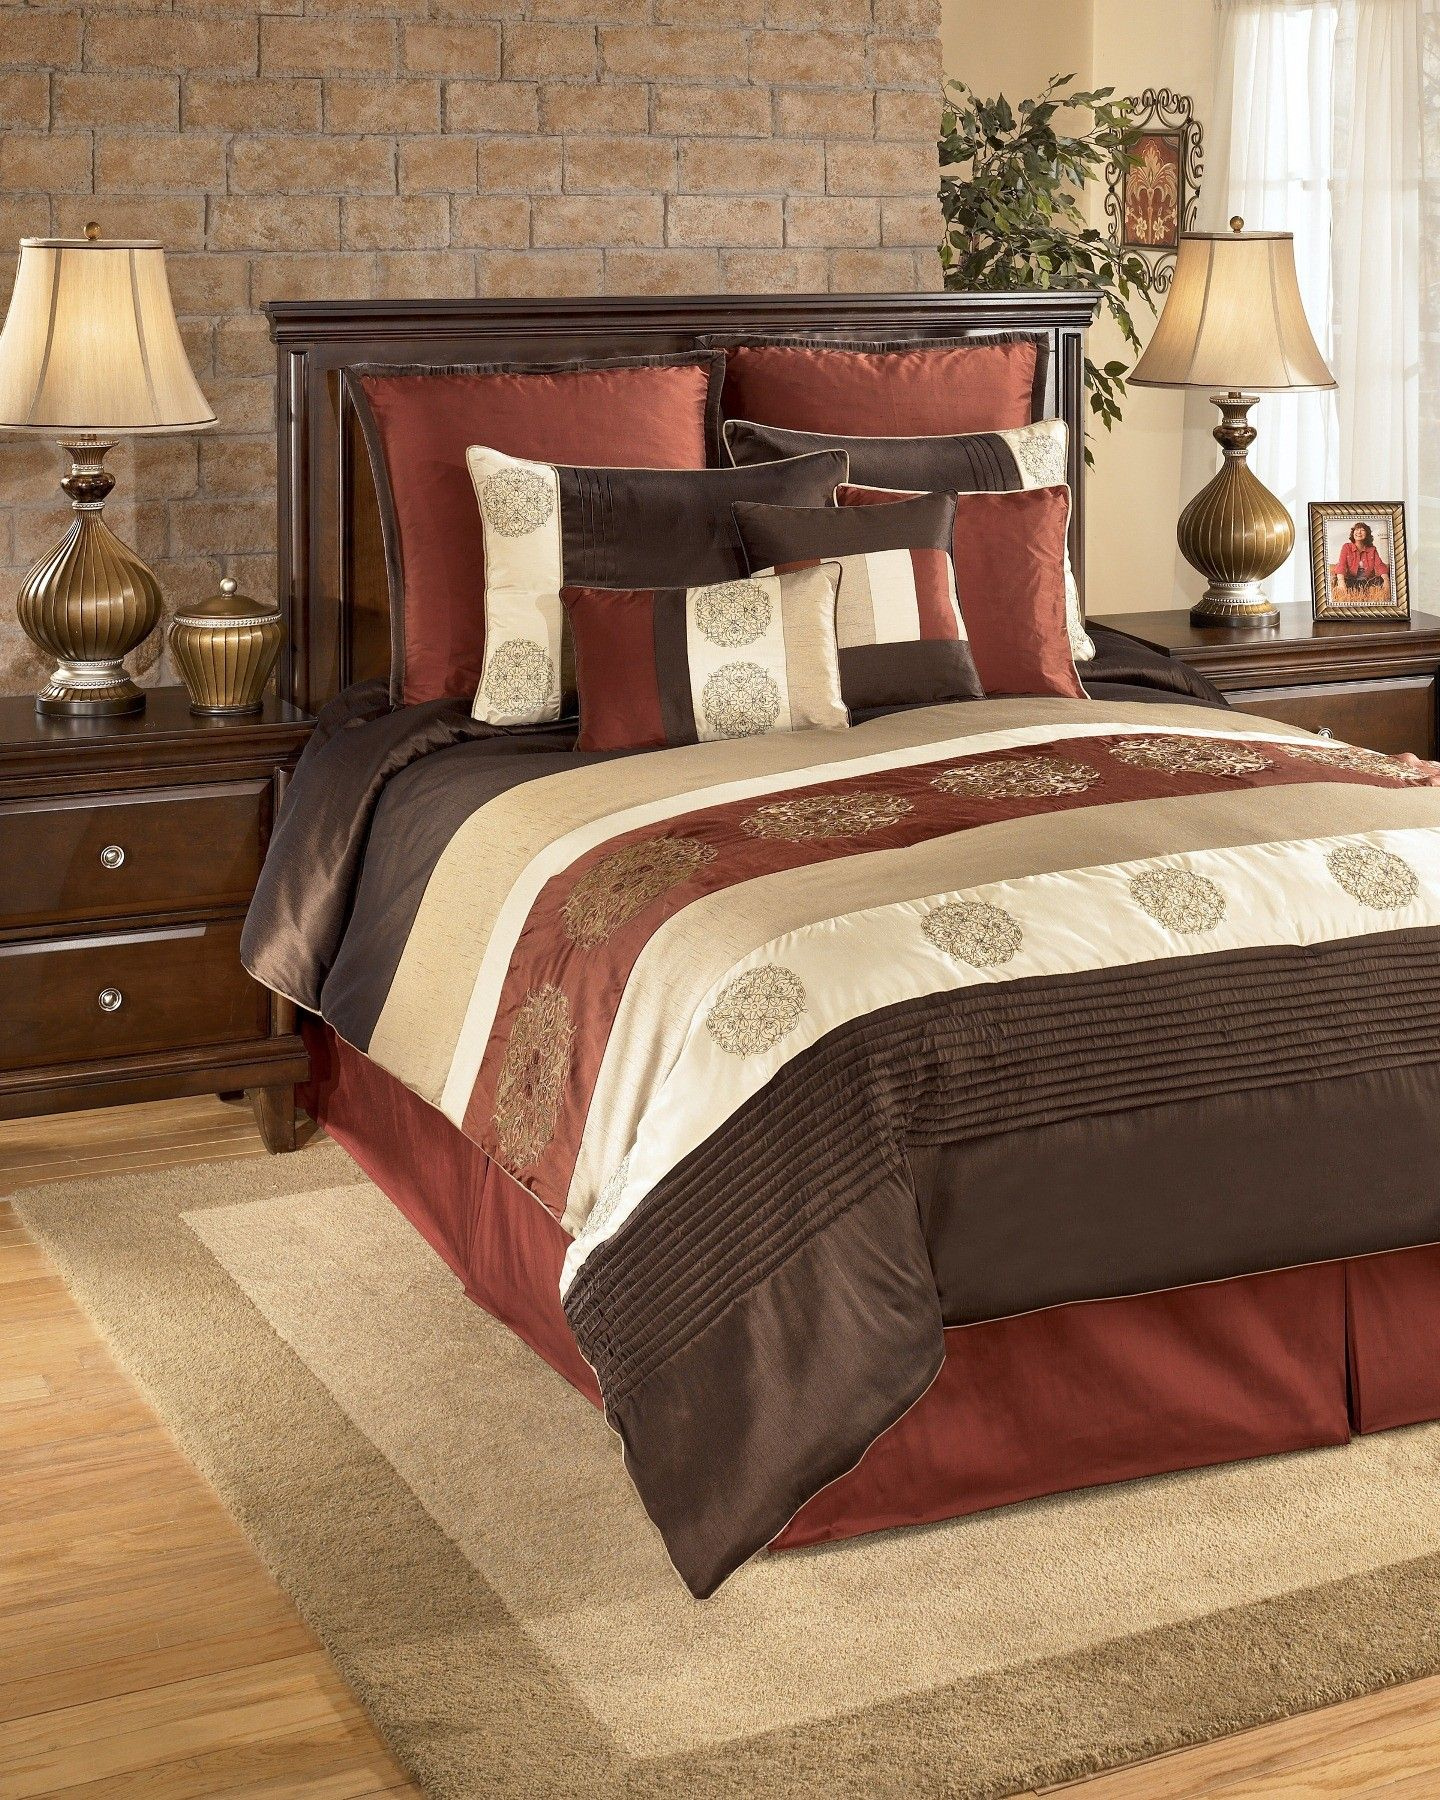 Oversized King Size Bedding 126x120